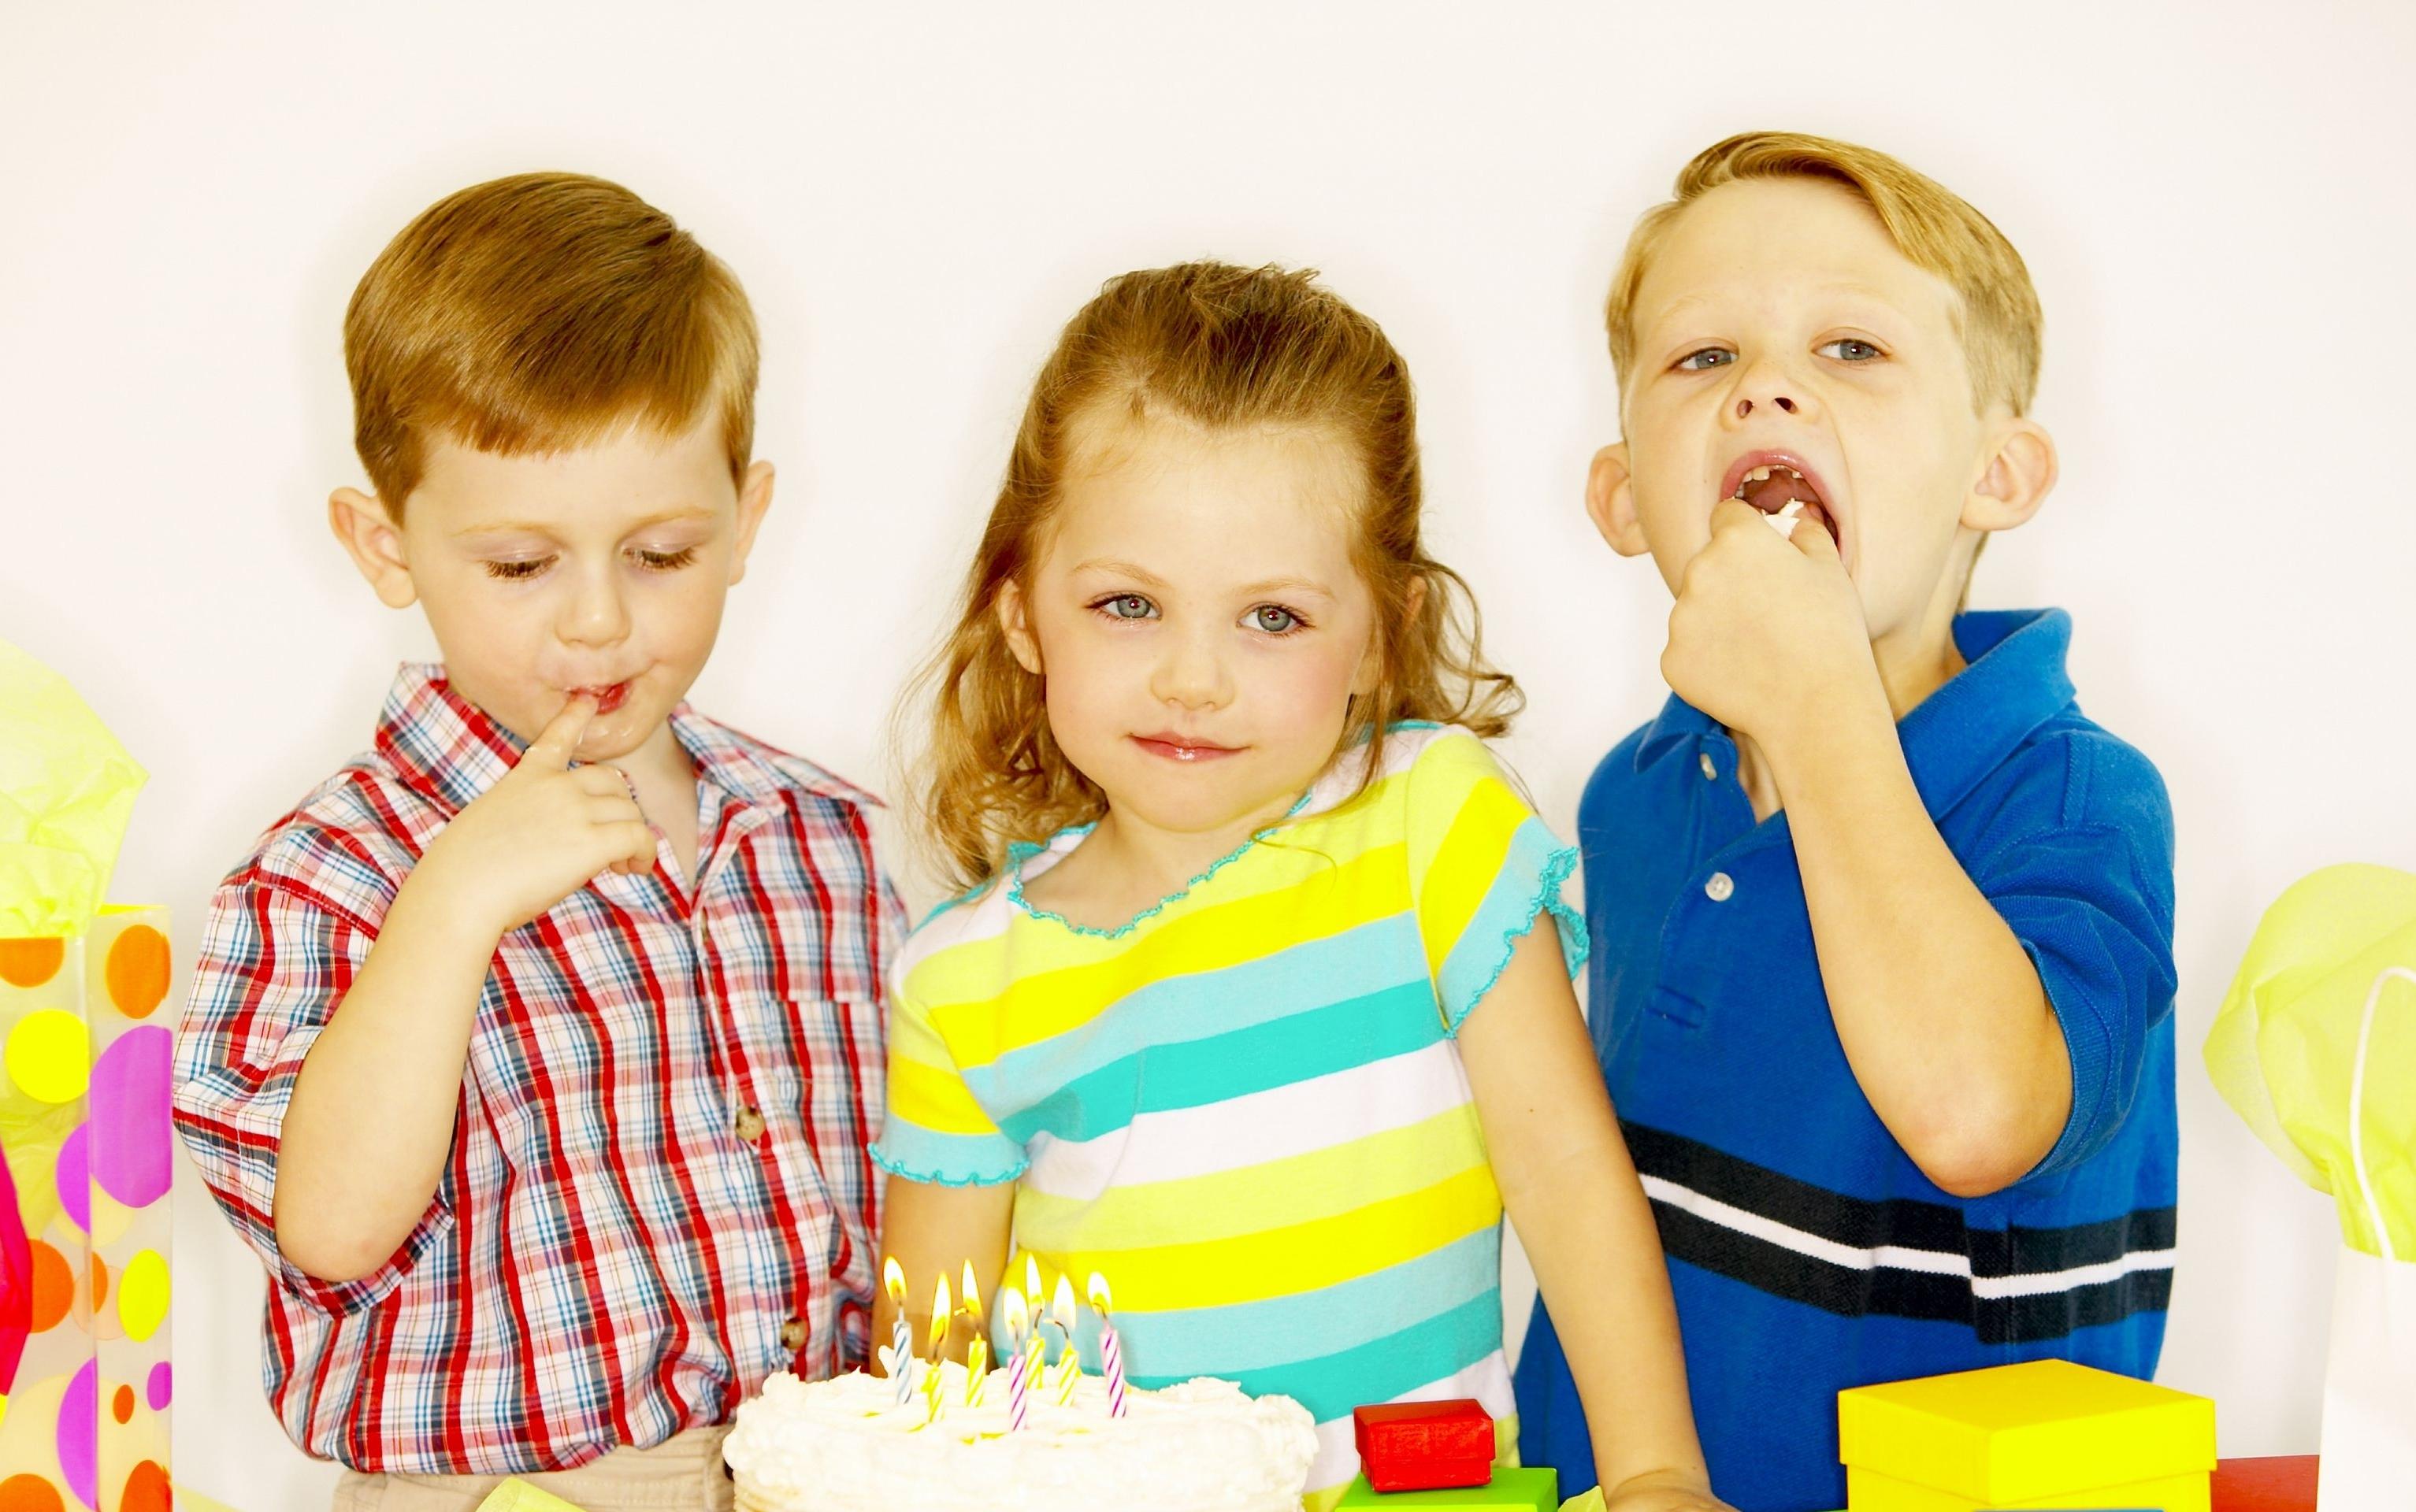 Çocuklarda Yemek Eğitimi